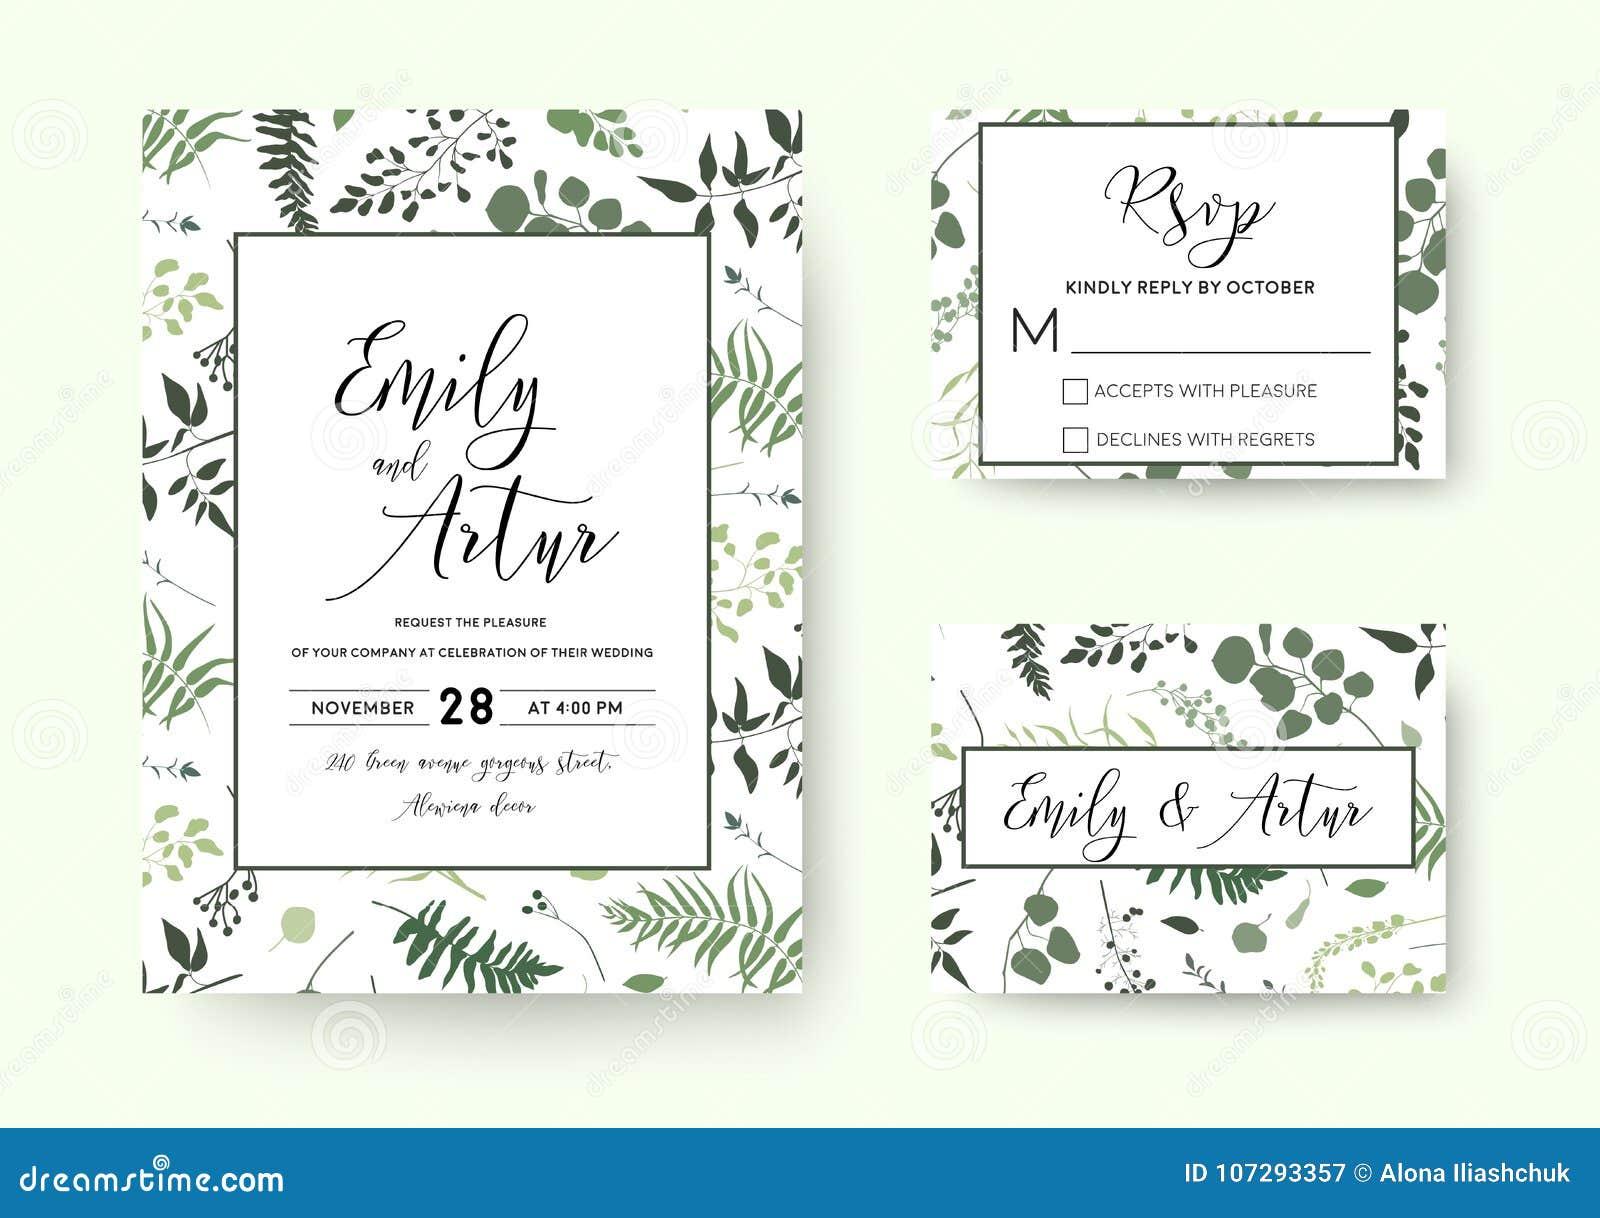 O casamento convida, silh floral das hortaliças do vetor do cartão do rsvp do convite